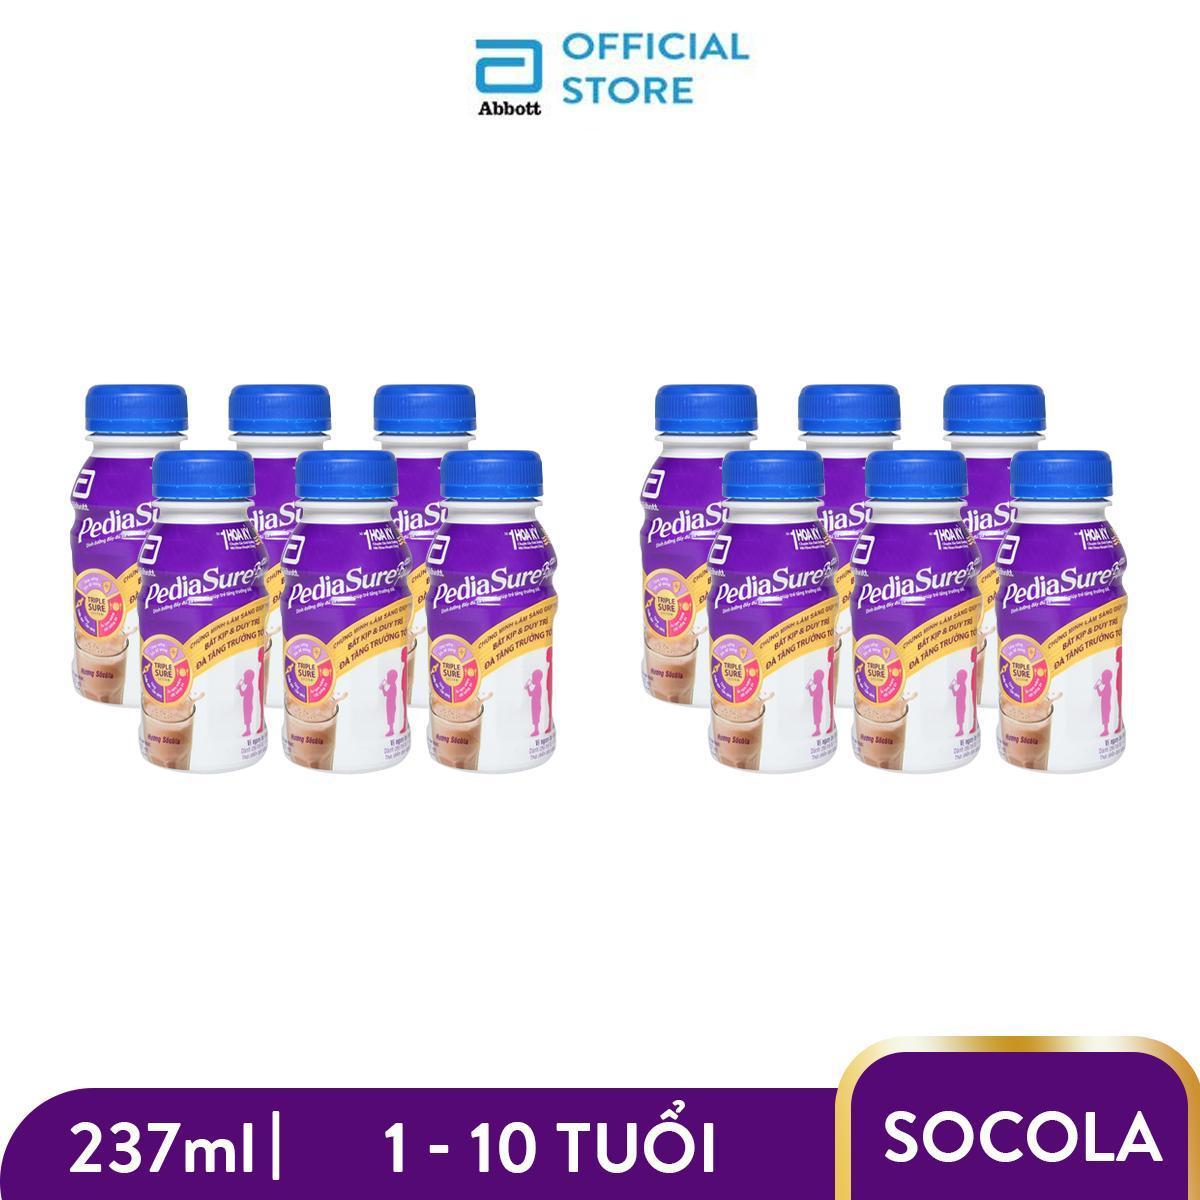 Bộ 12 chai sữa nước Pediasure hương Chocolate 237ml